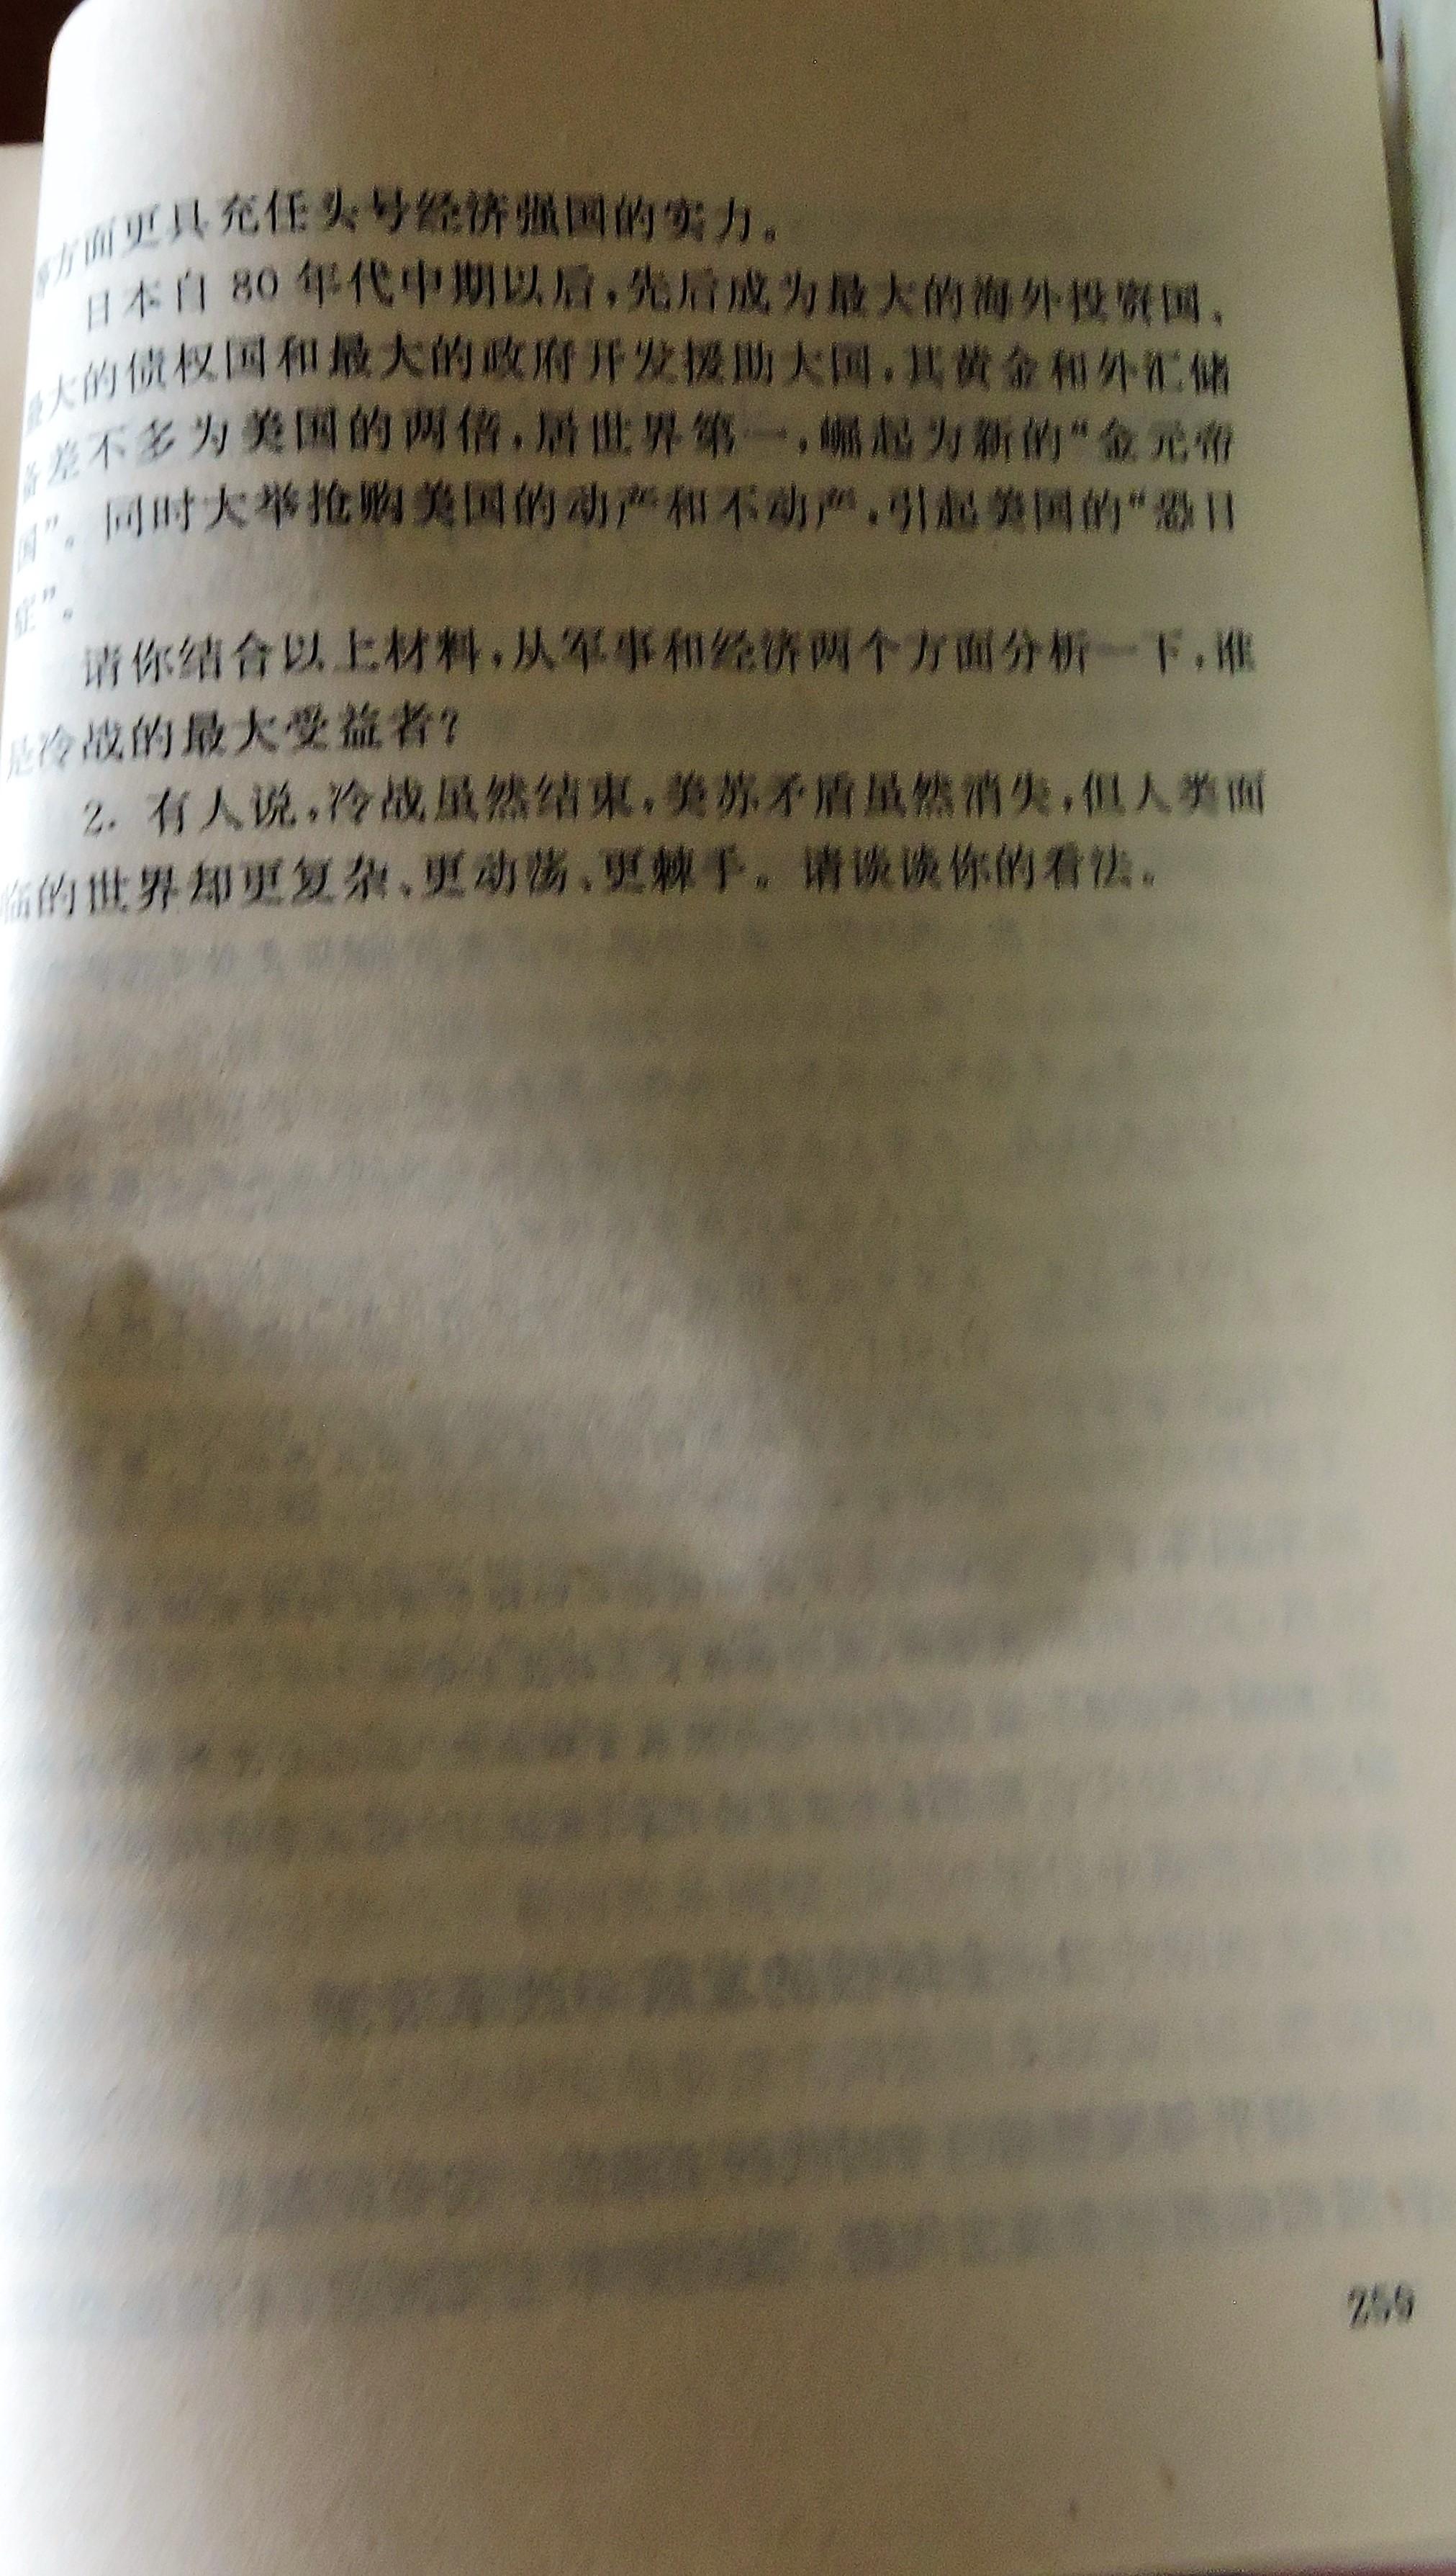 17 DSCN8215.jpg